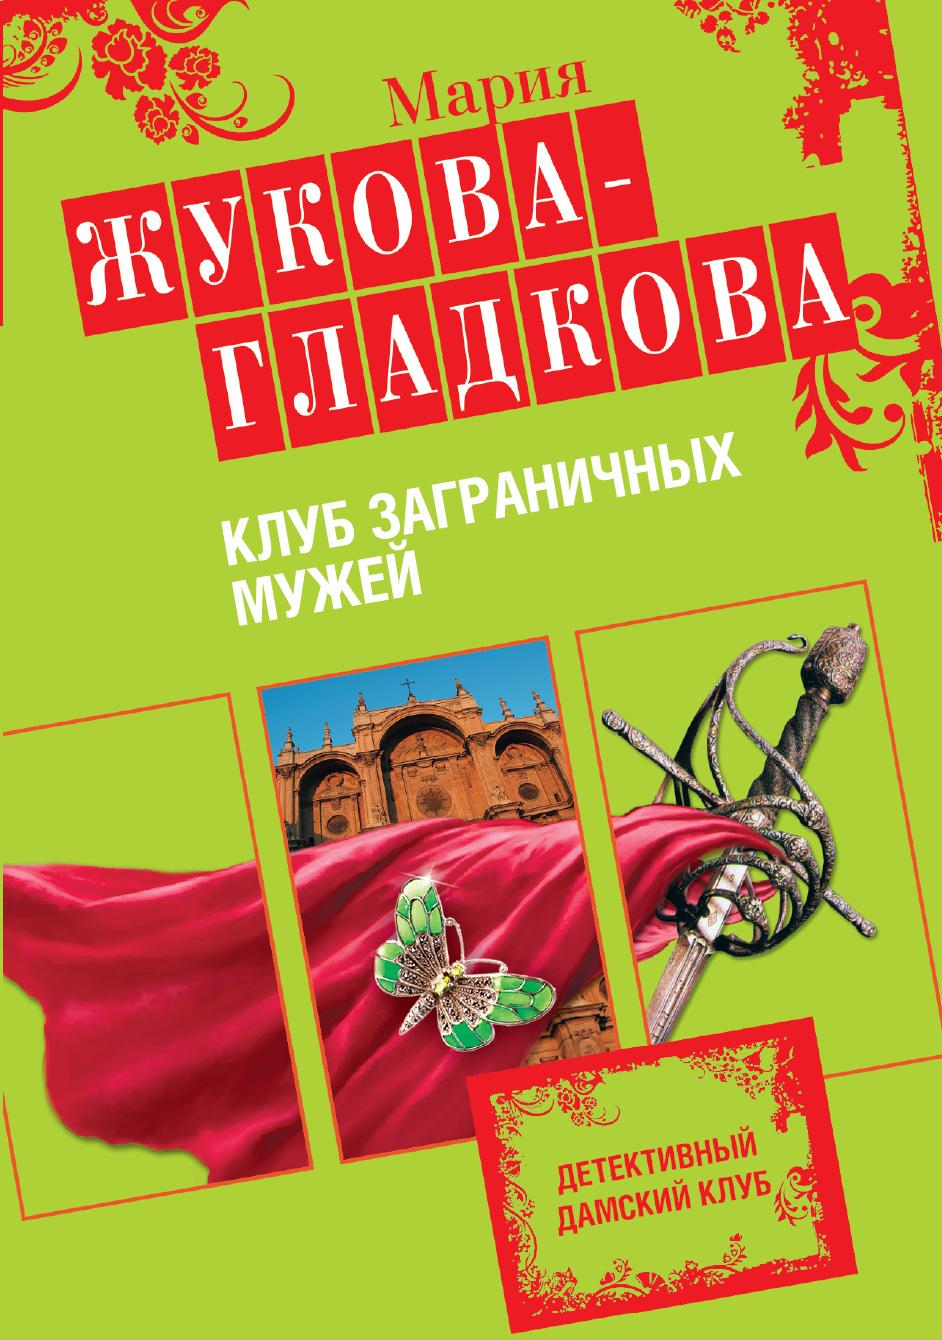 Мария Жукова-Гладкова Клуб заграничных мужей мария жукова гладкова издержки семейной жизни